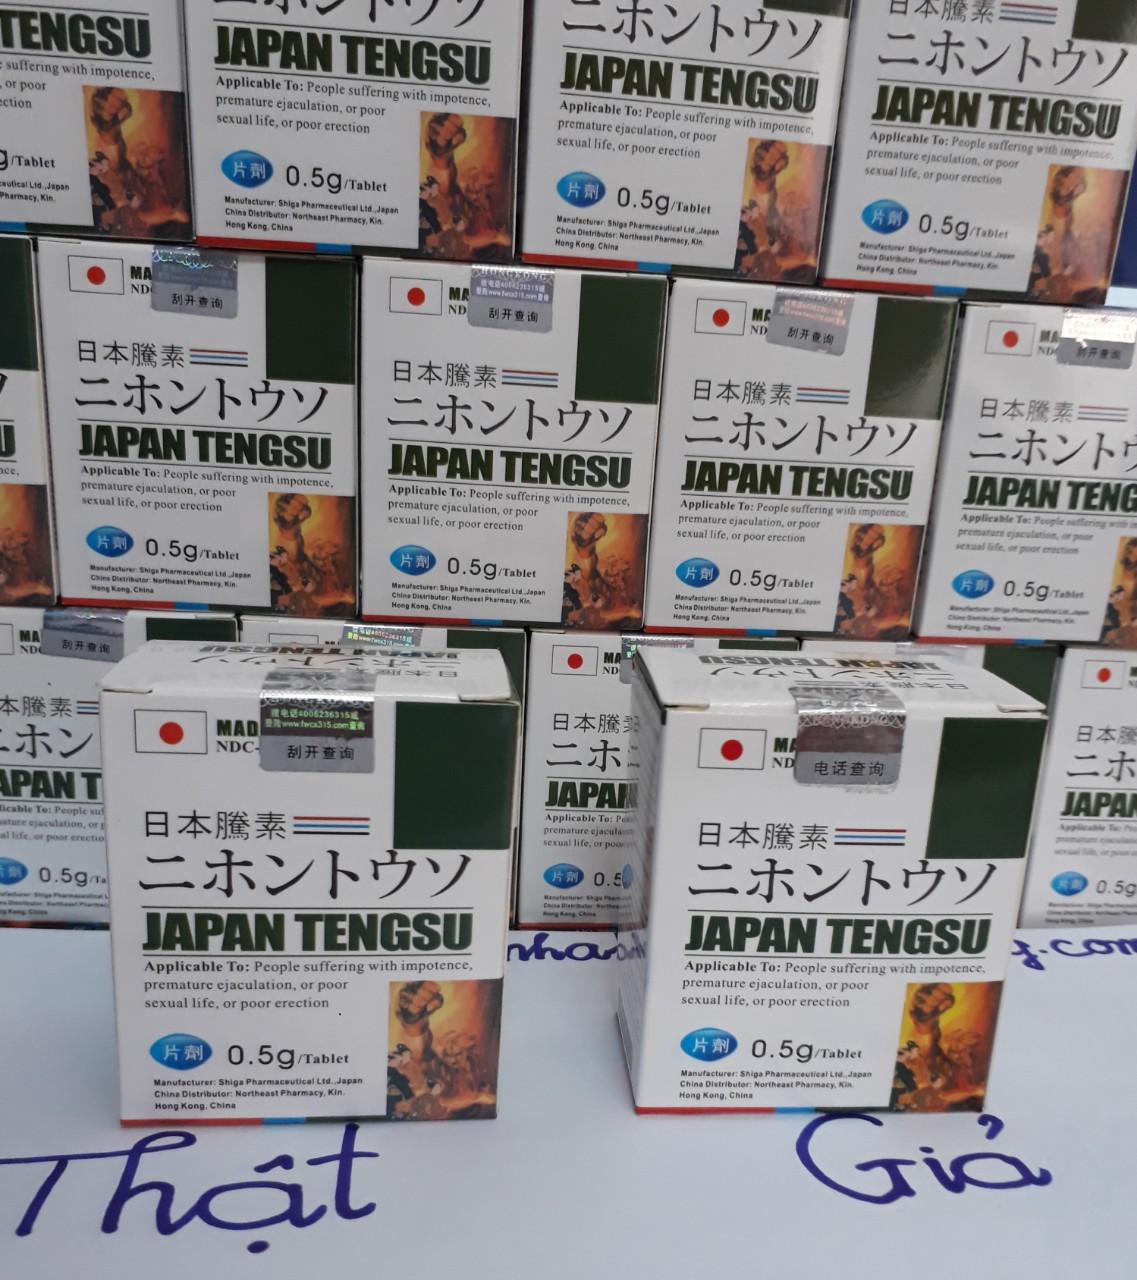 Cách nhận biết hộp sản phẩm Japan Tengsu thật và giả